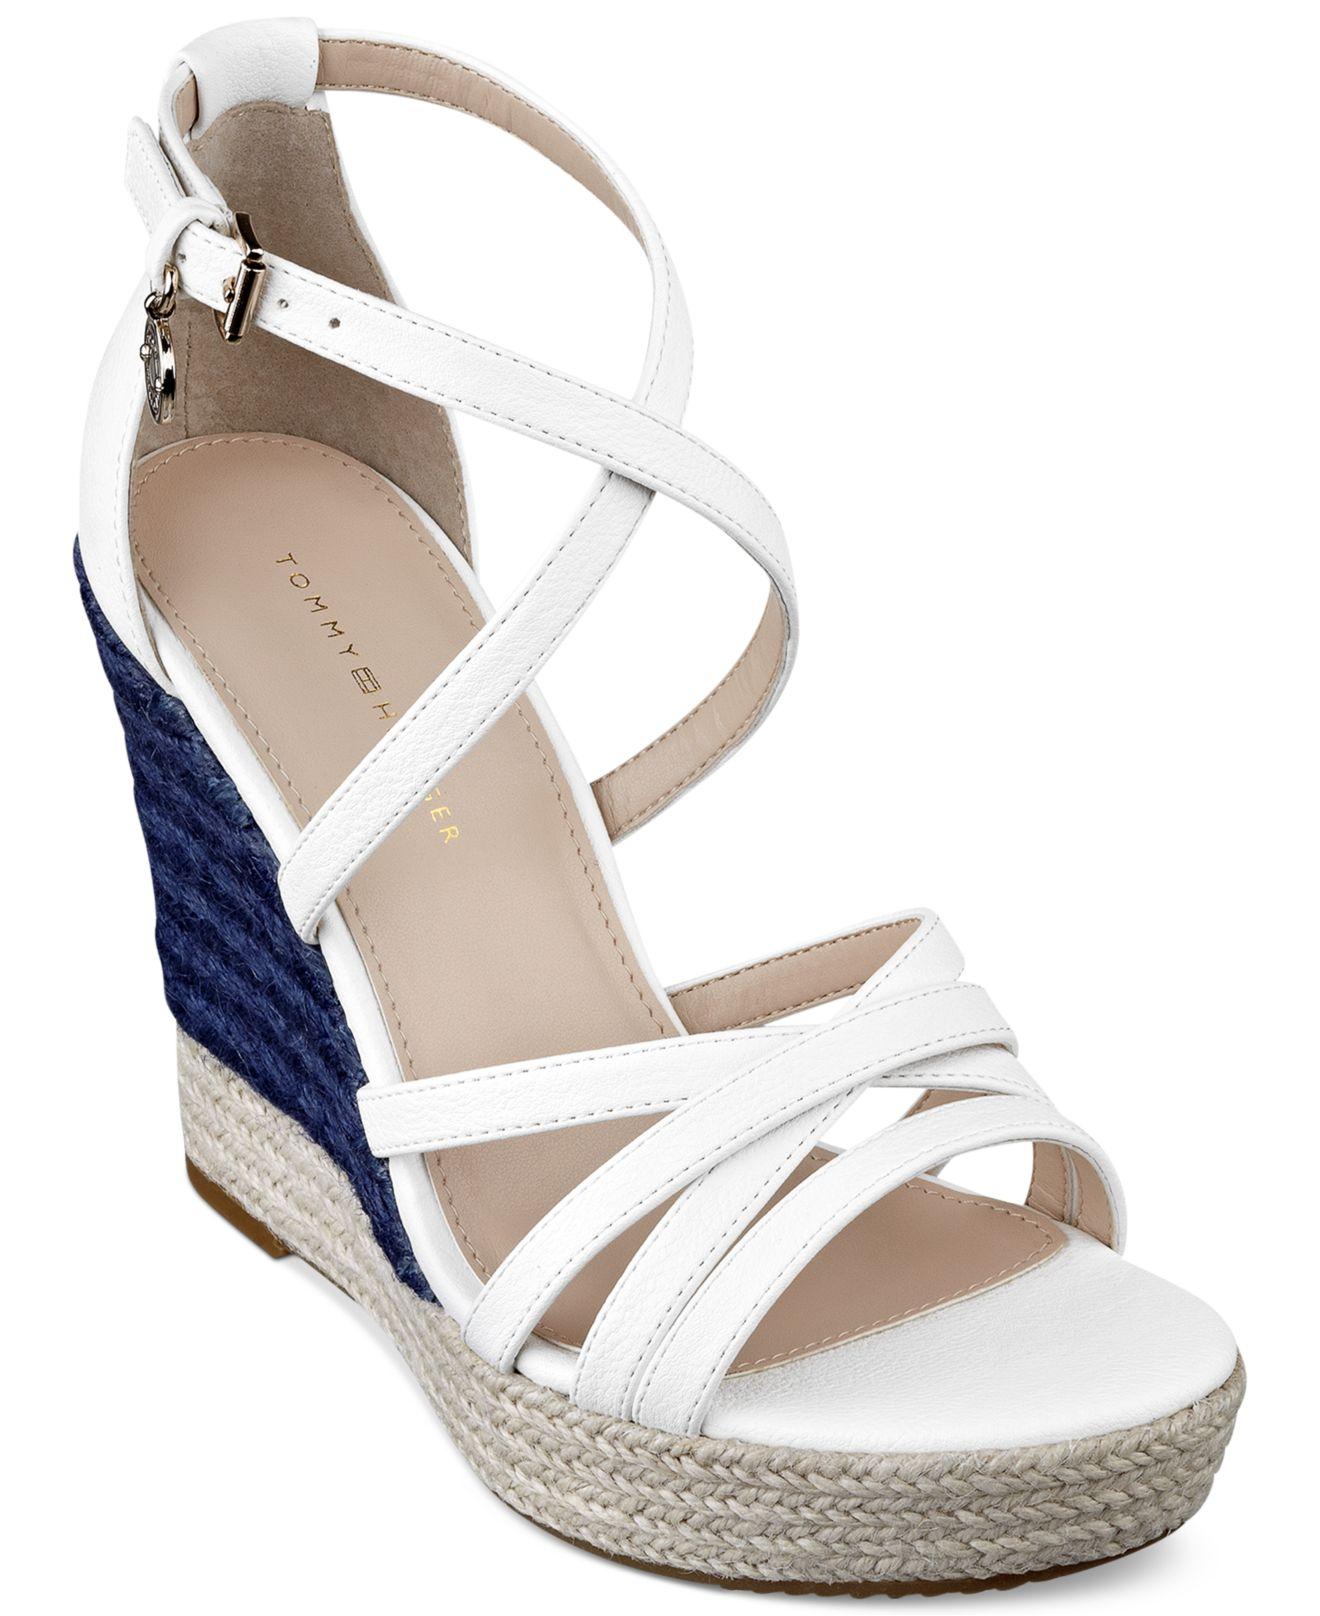 Tommy Hilfiger Platform sandals - white 0LWHRg2